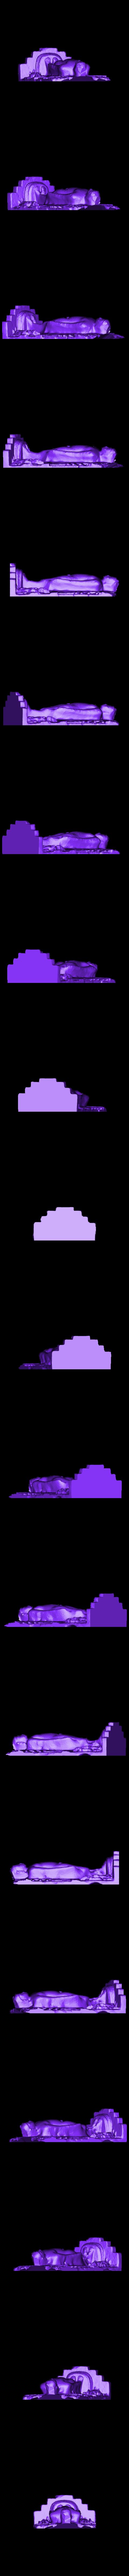 Kayotsarga_ready.stl Télécharger fichier STL gratuit Jaina Tirthankara Chandraprabha debout en méditation (Kayotsarga), 12e siècle • Objet pour impression 3D, ArtInstituteChicago